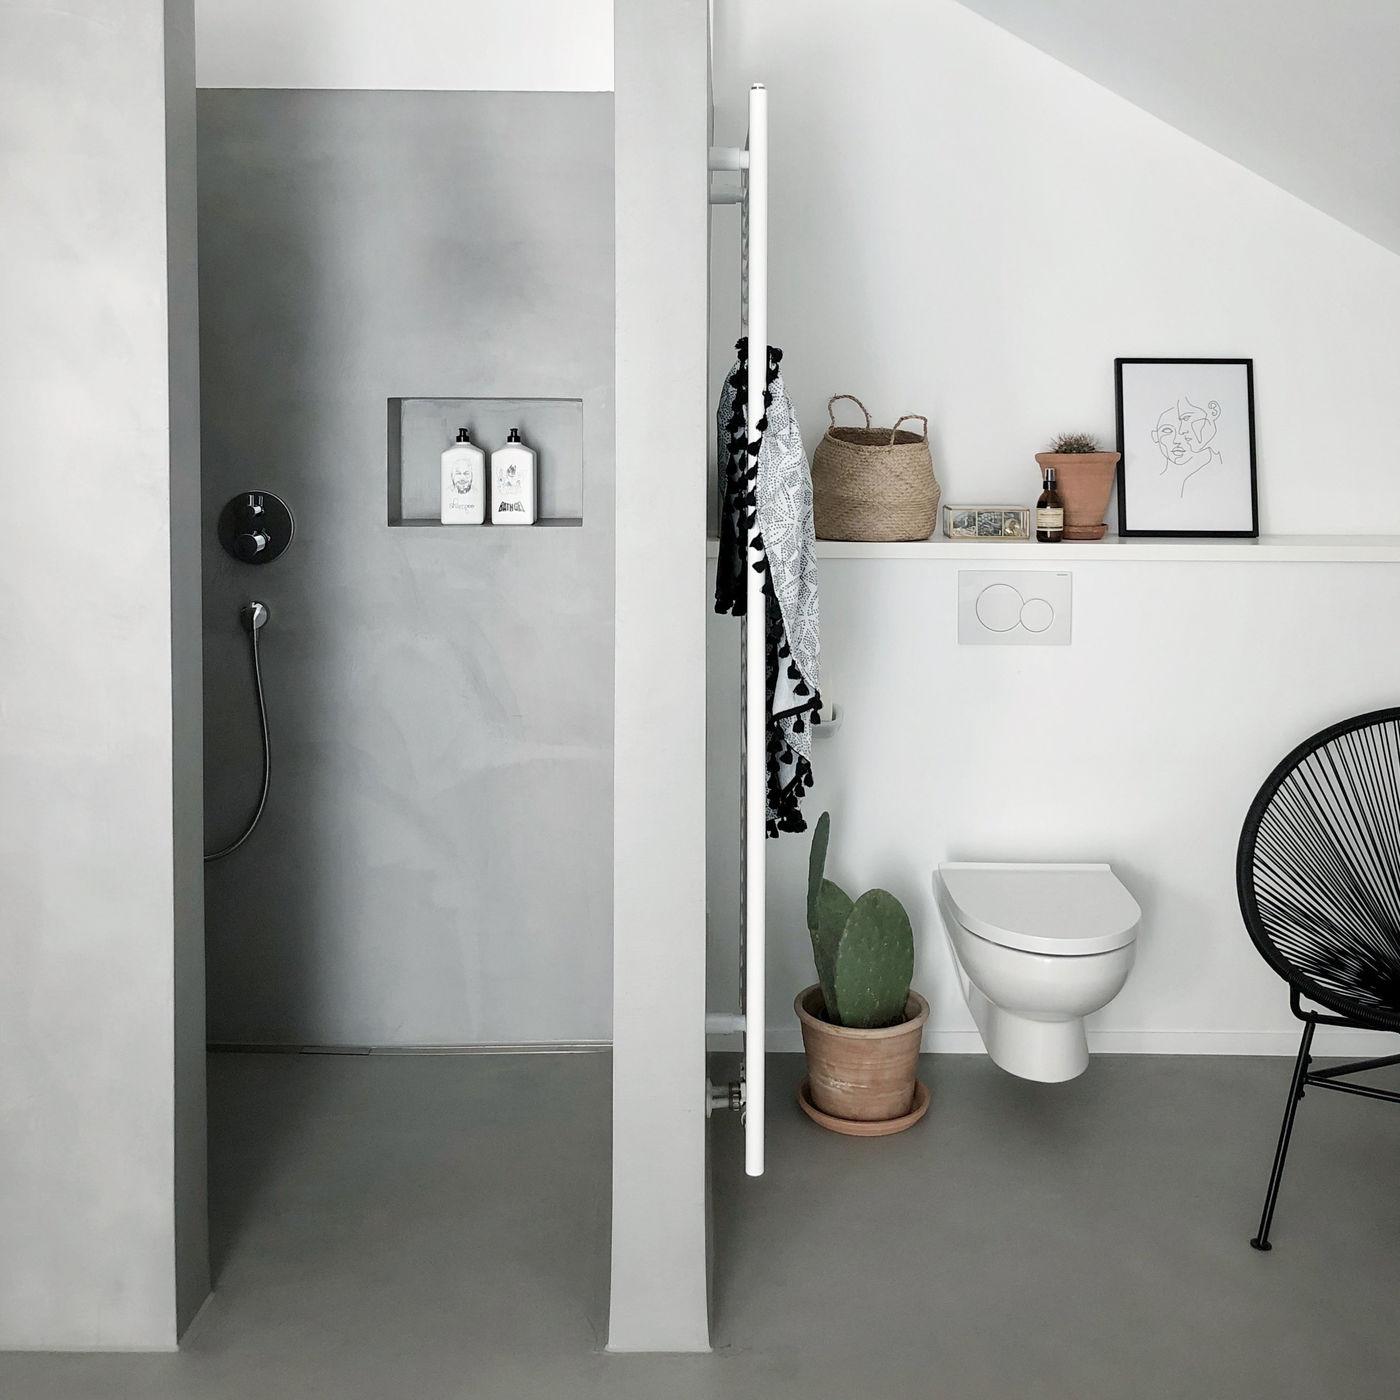 Full Size of Walkin Dusche Badewanne Mit Tür Und Unterputz Armatur Schulte Duschen Bidet Moderne Kaufen Begehbare Fliesen Behindertengerechte Mischbatterie Bodengleiche Dusche Walkin Dusche